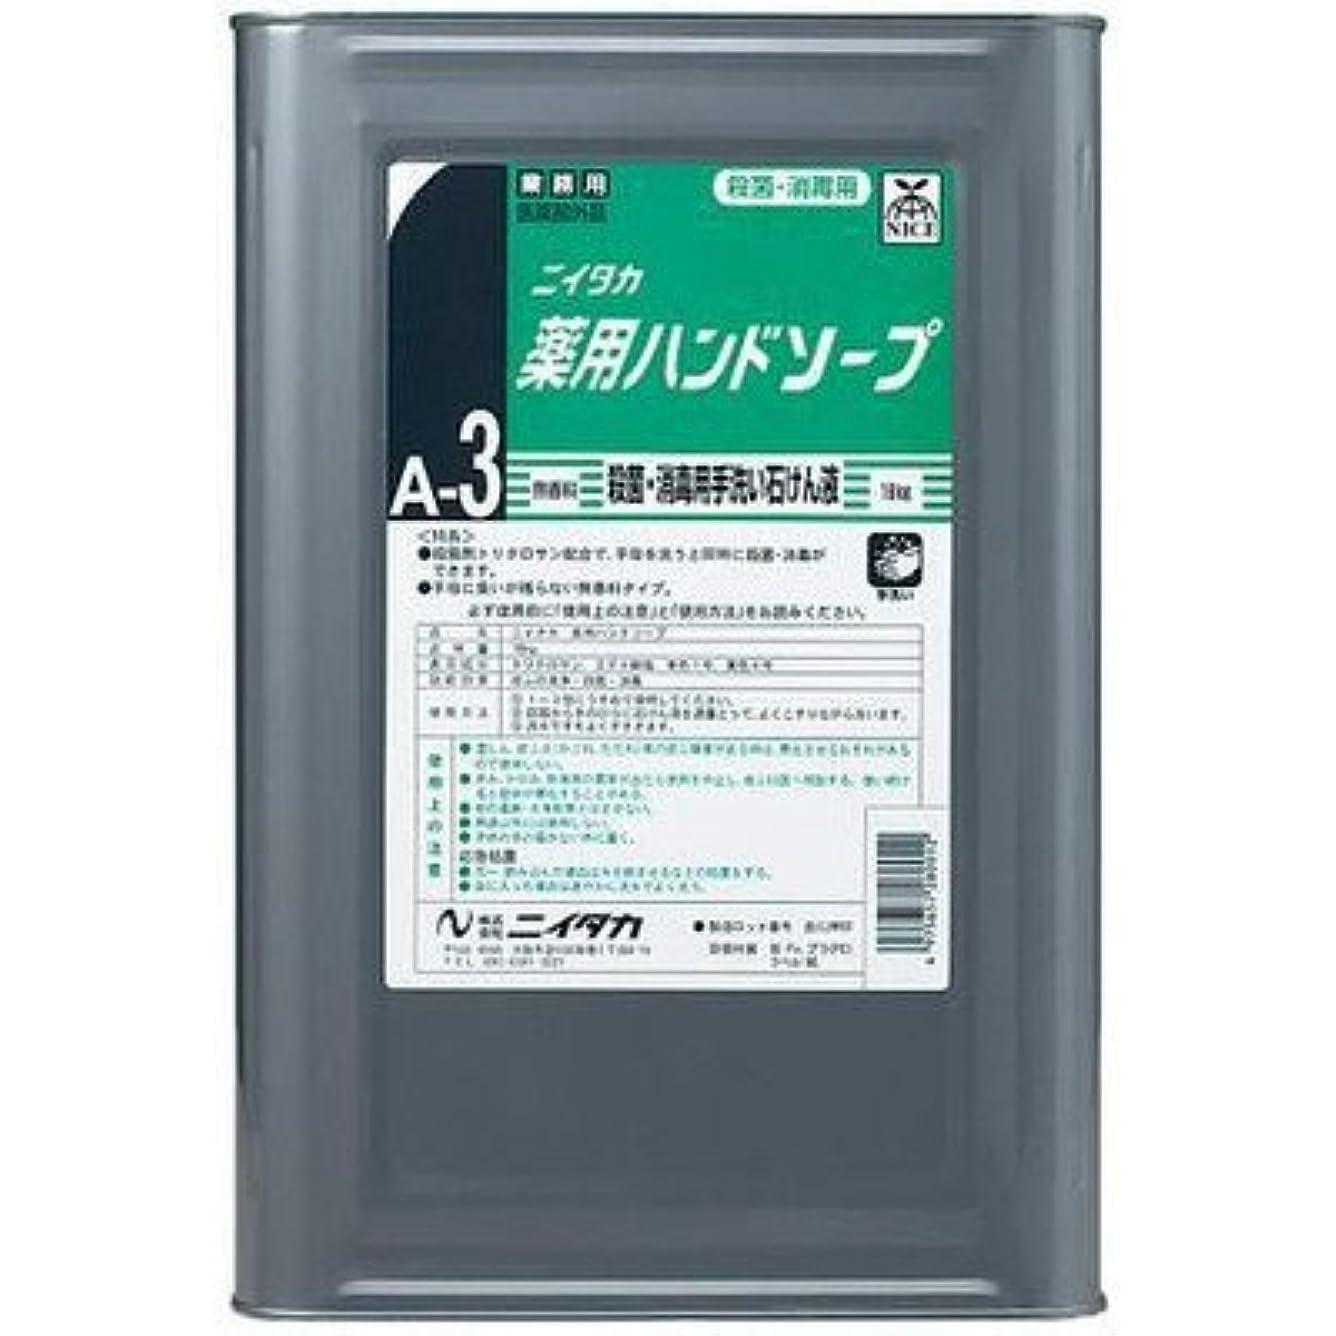 むちゃくちゃ大破はしごニイタカ 業務用手洗い石けん液 薬用ハンドソープ(A-3) 18kg×1本